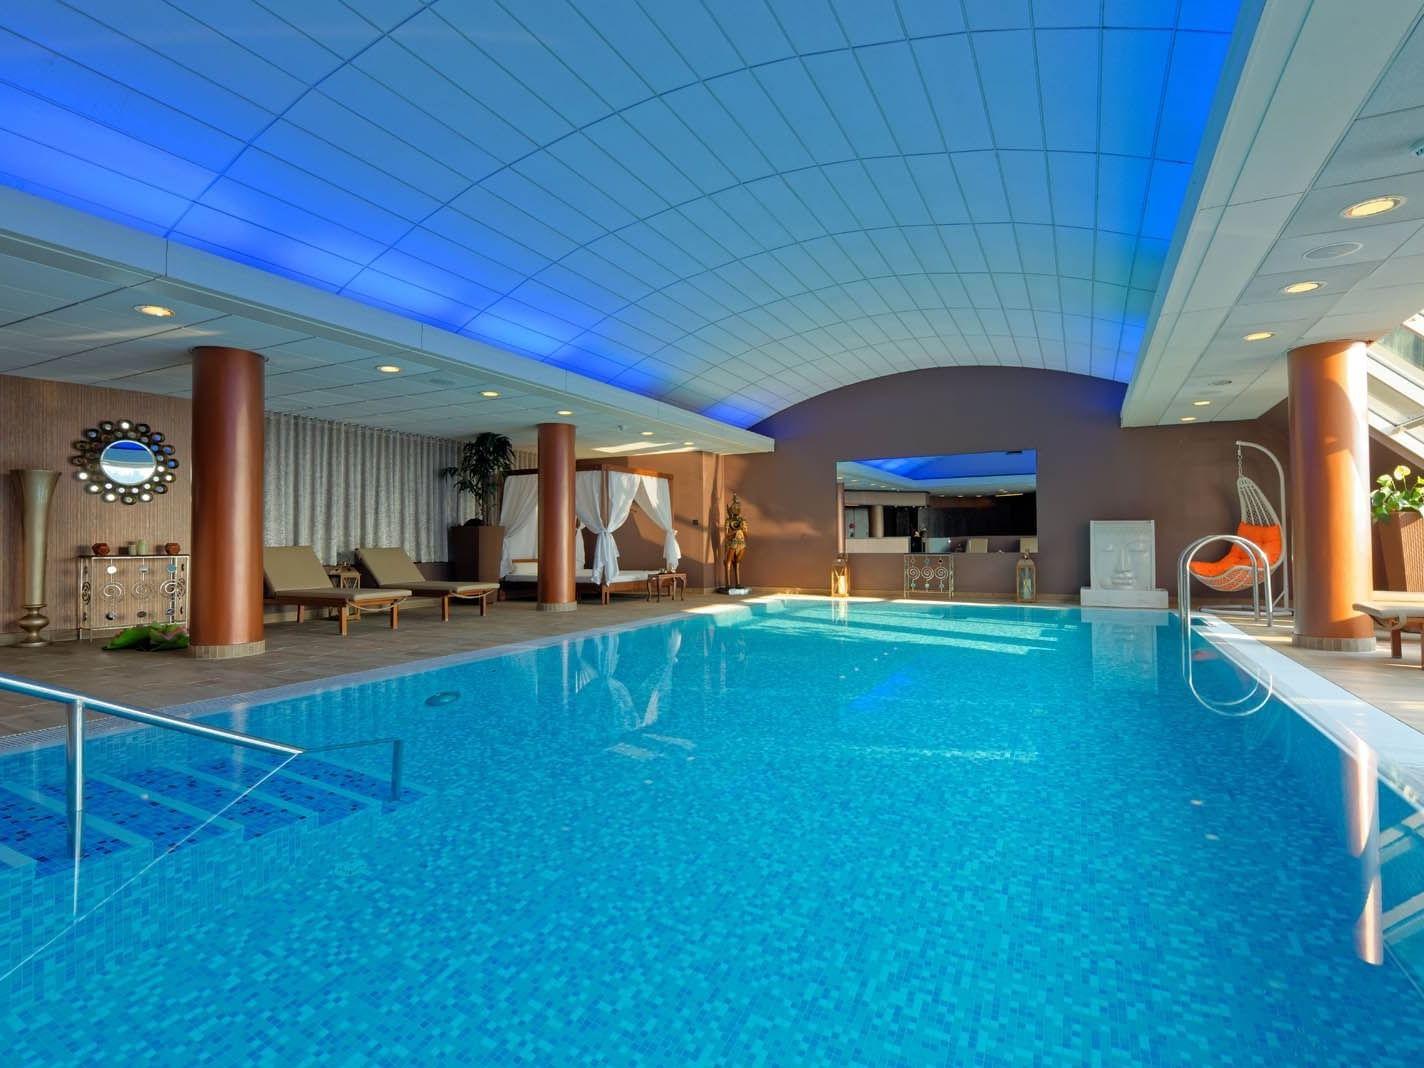 Wellness pool